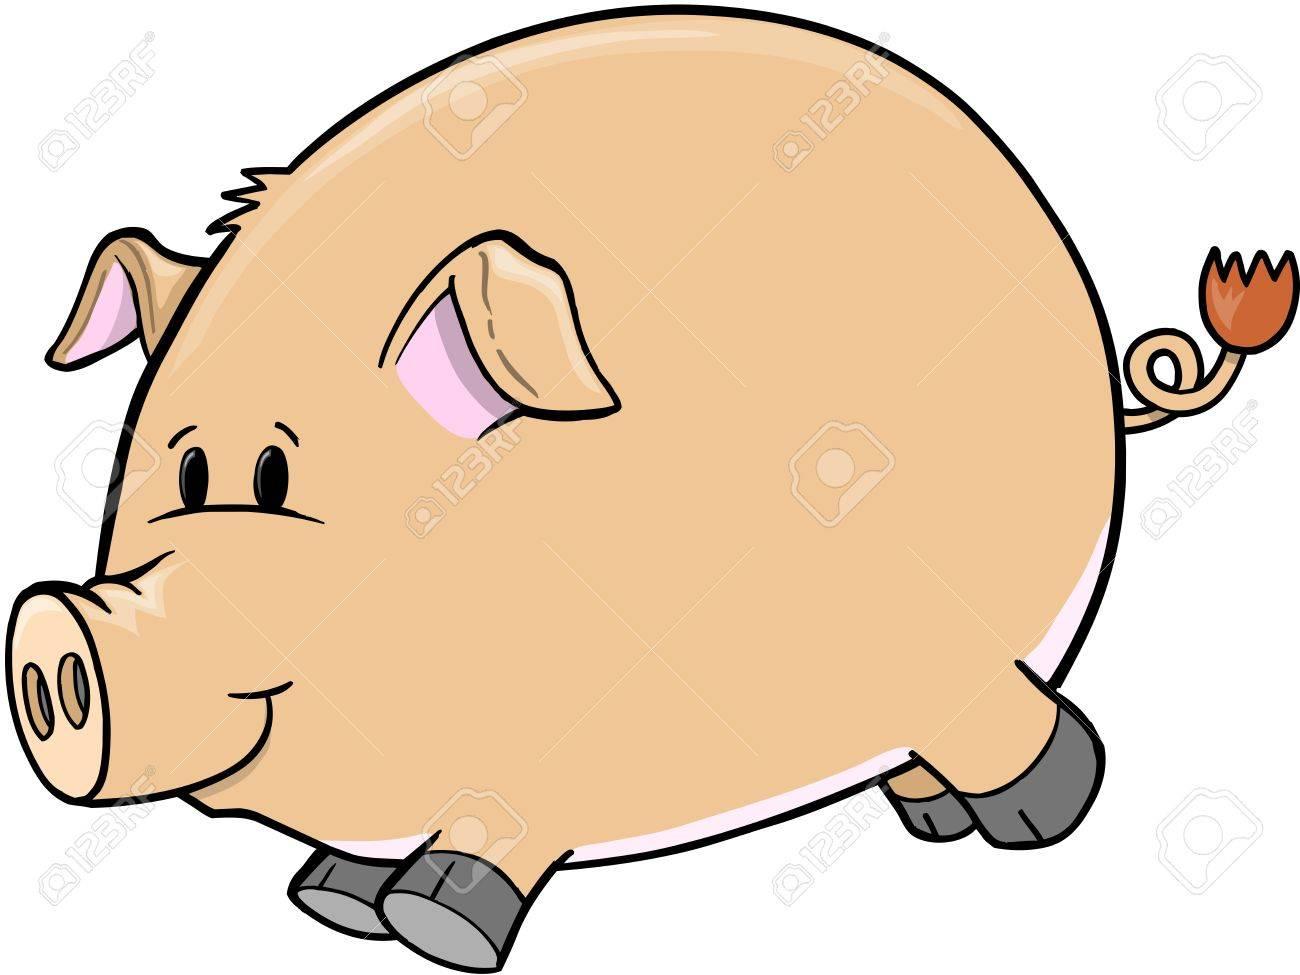 Cute Farm Pig Vector Illustration Art Stock Vector - 13067010